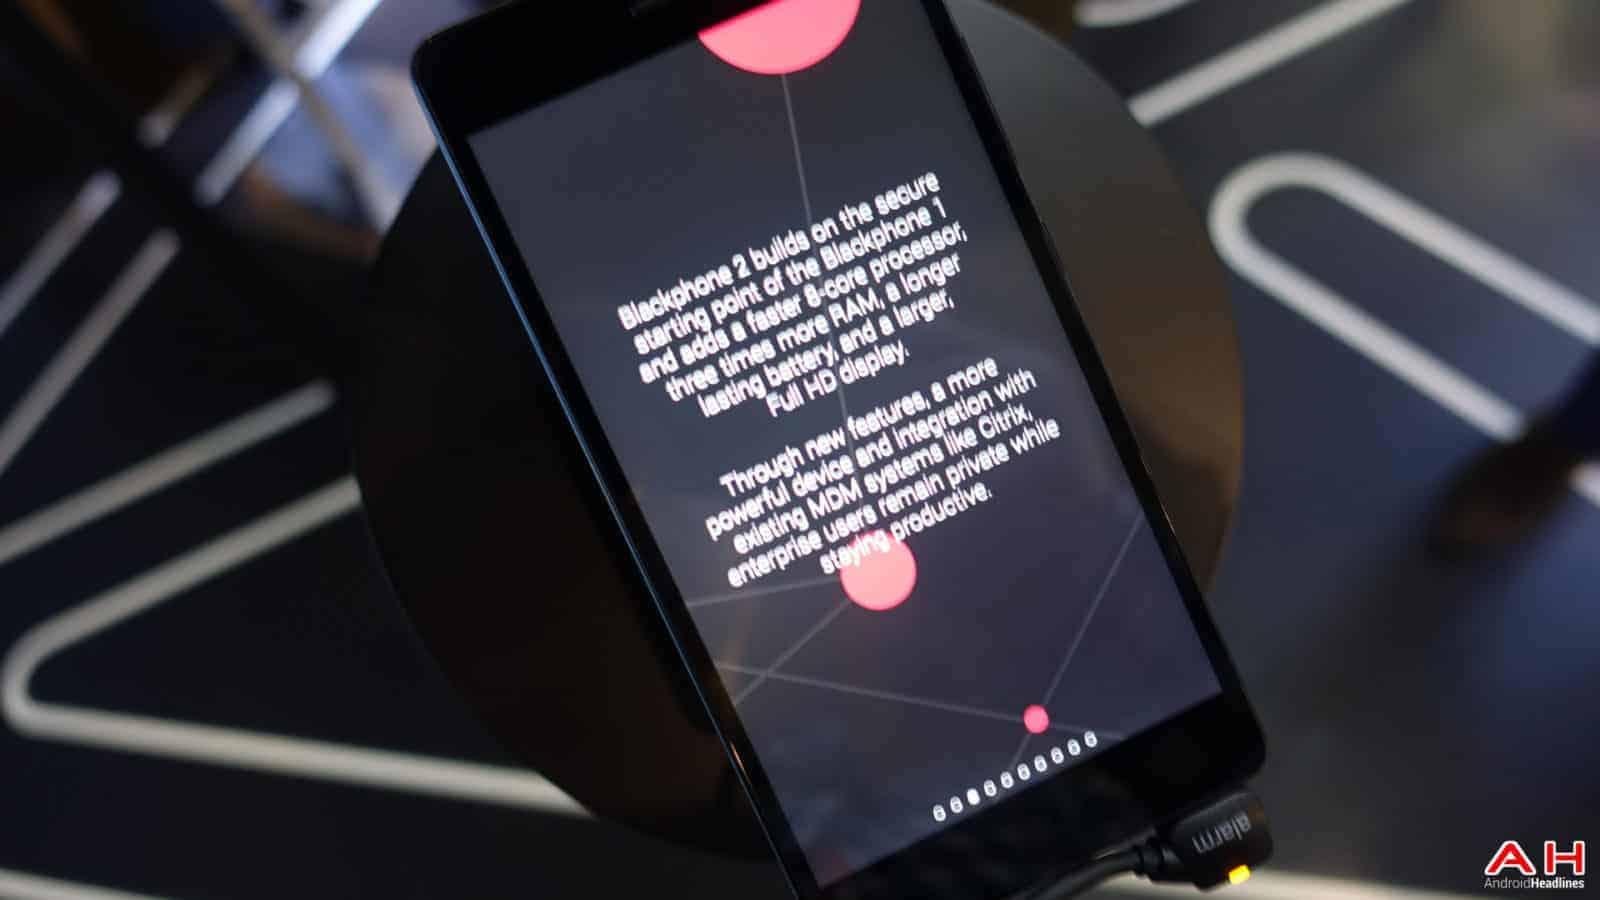 AH Blackphone 2-6